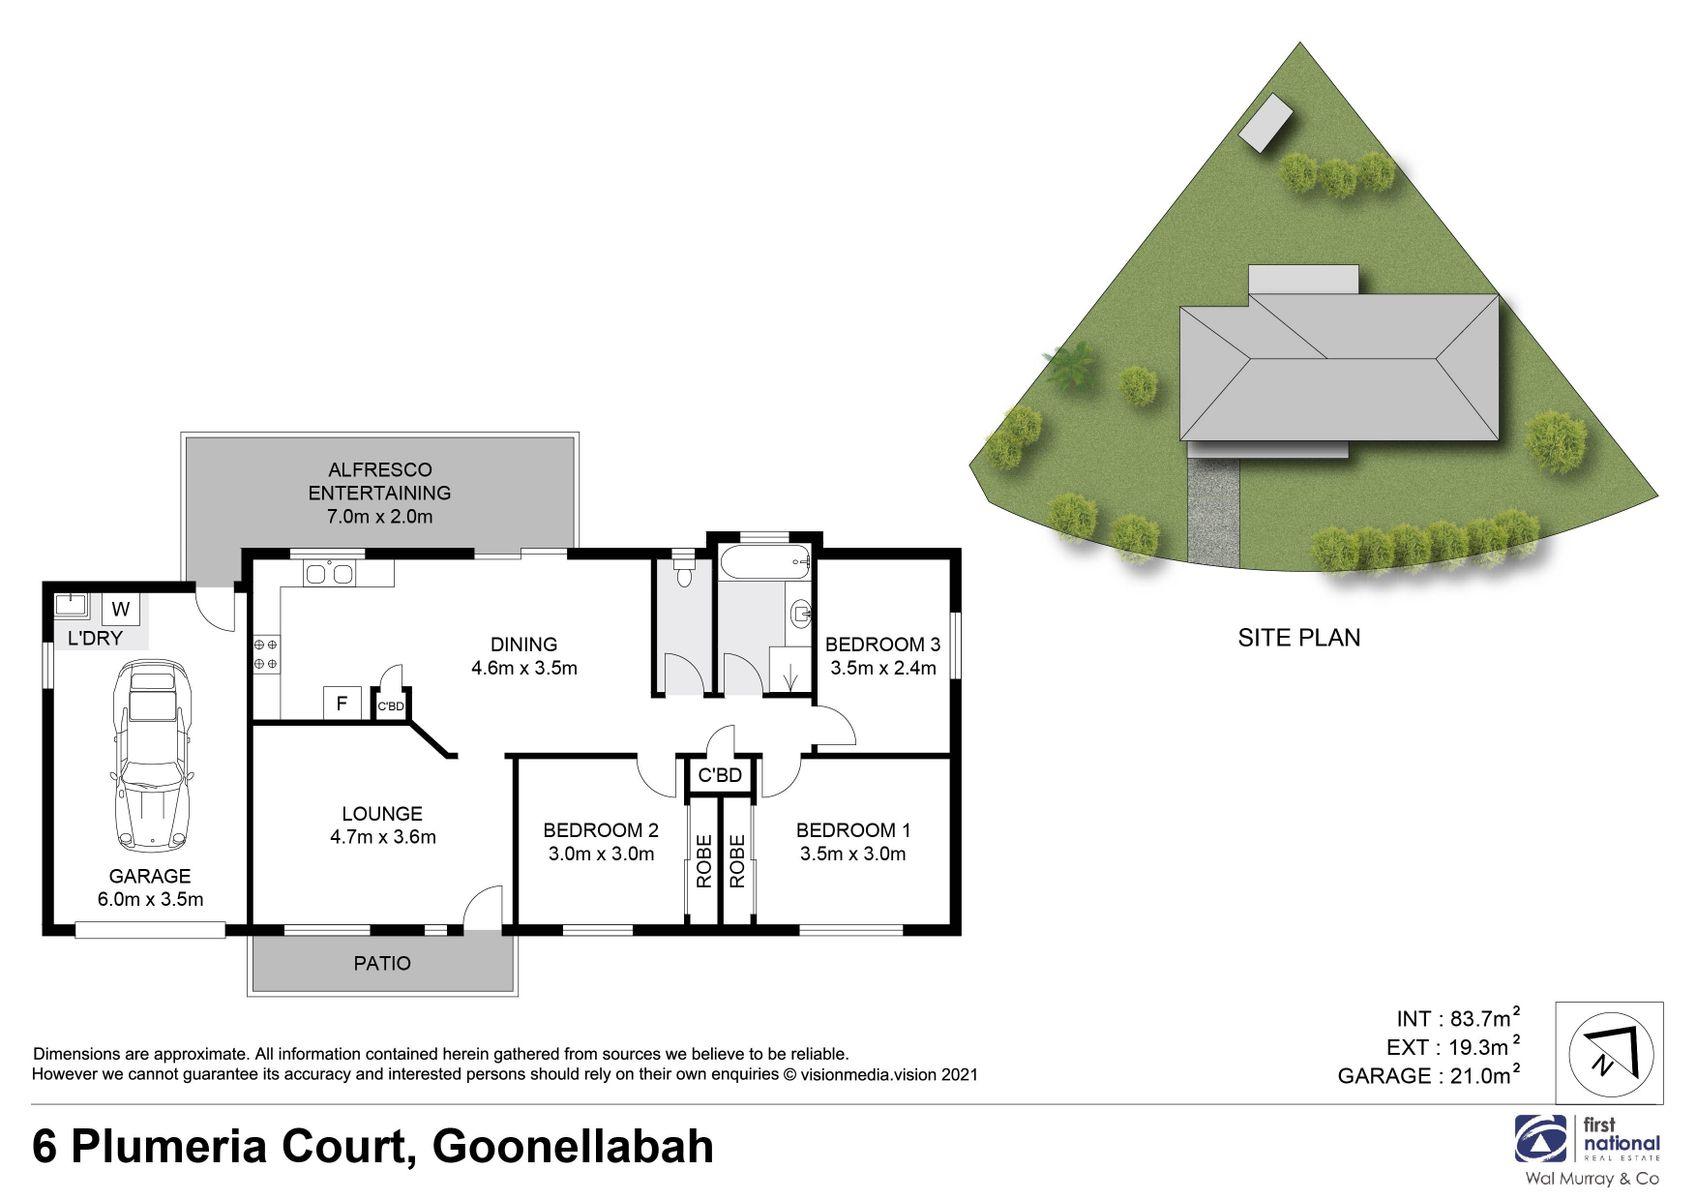 6 Plumeria Court, Goonellabah, NSW 2480